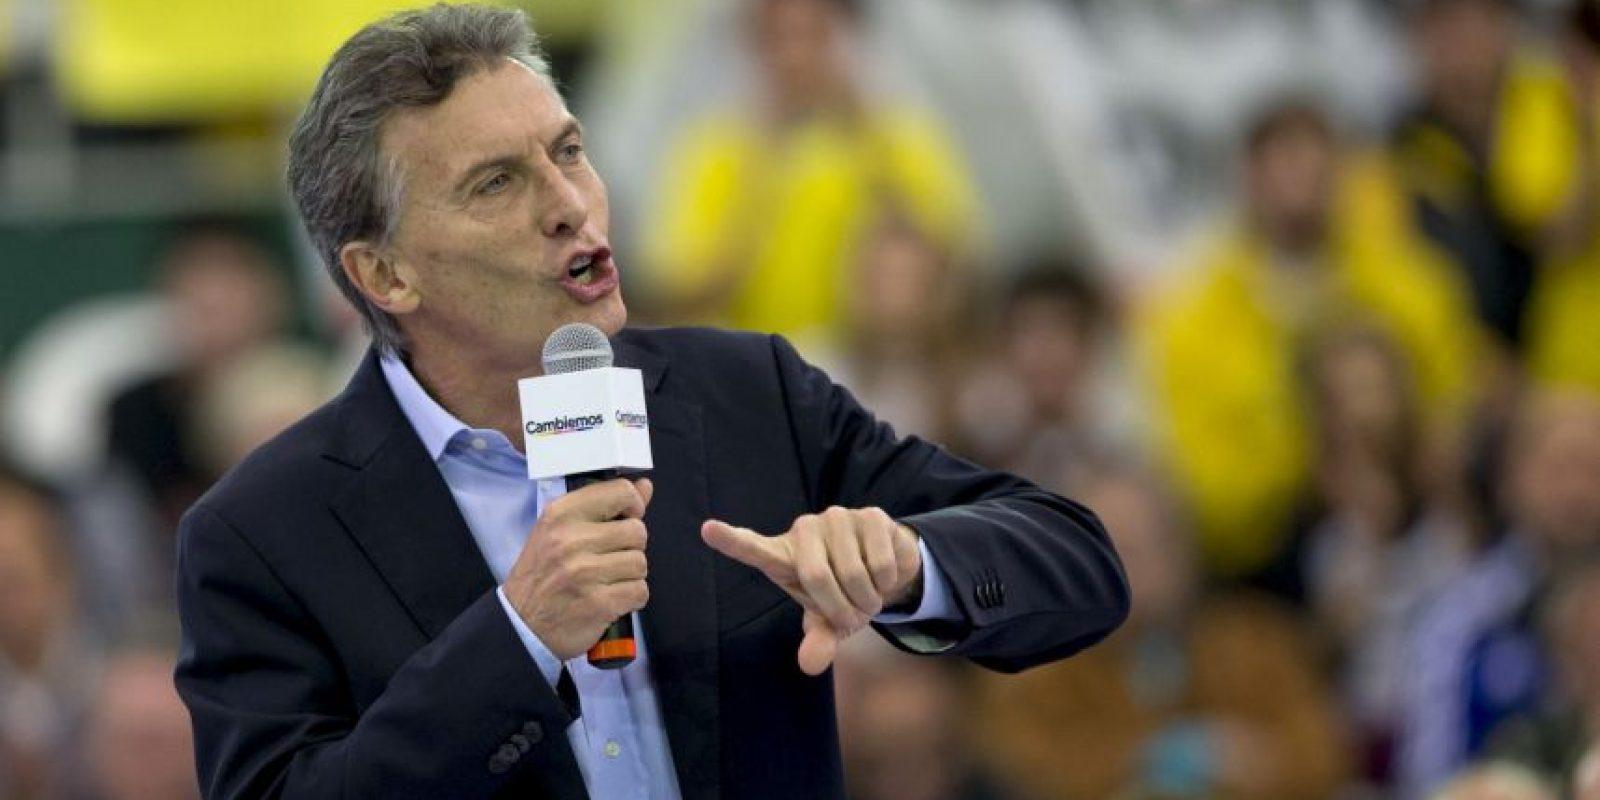 El candidato opositor Mauricio Macri, lidera la intención de voto para el balotaje Foto:AP